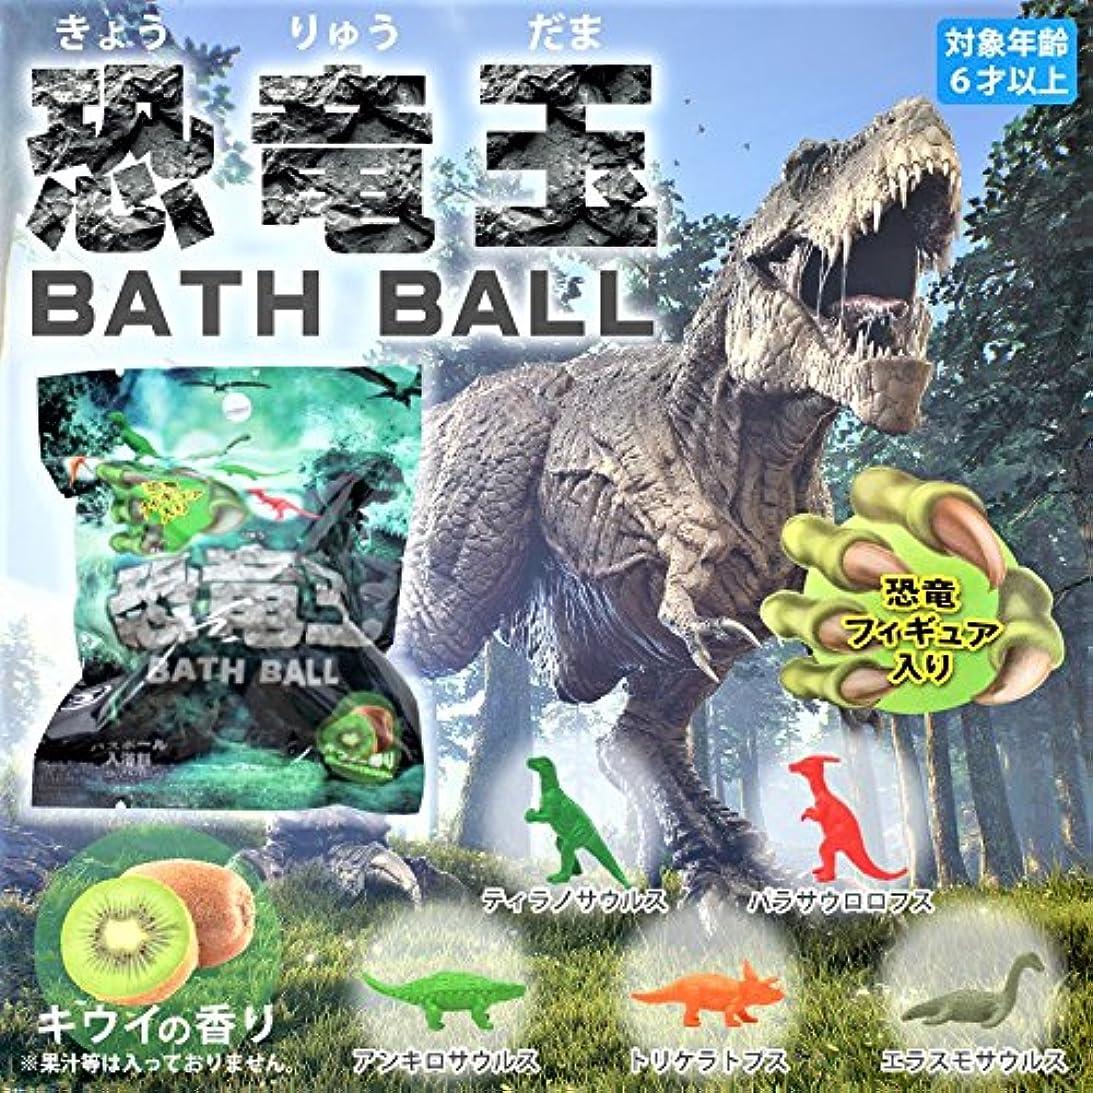 混合プレートハードリング恐竜玉バスボール 6個1セット キウイの香り 恐竜フィギュア入りバスボール 入浴剤